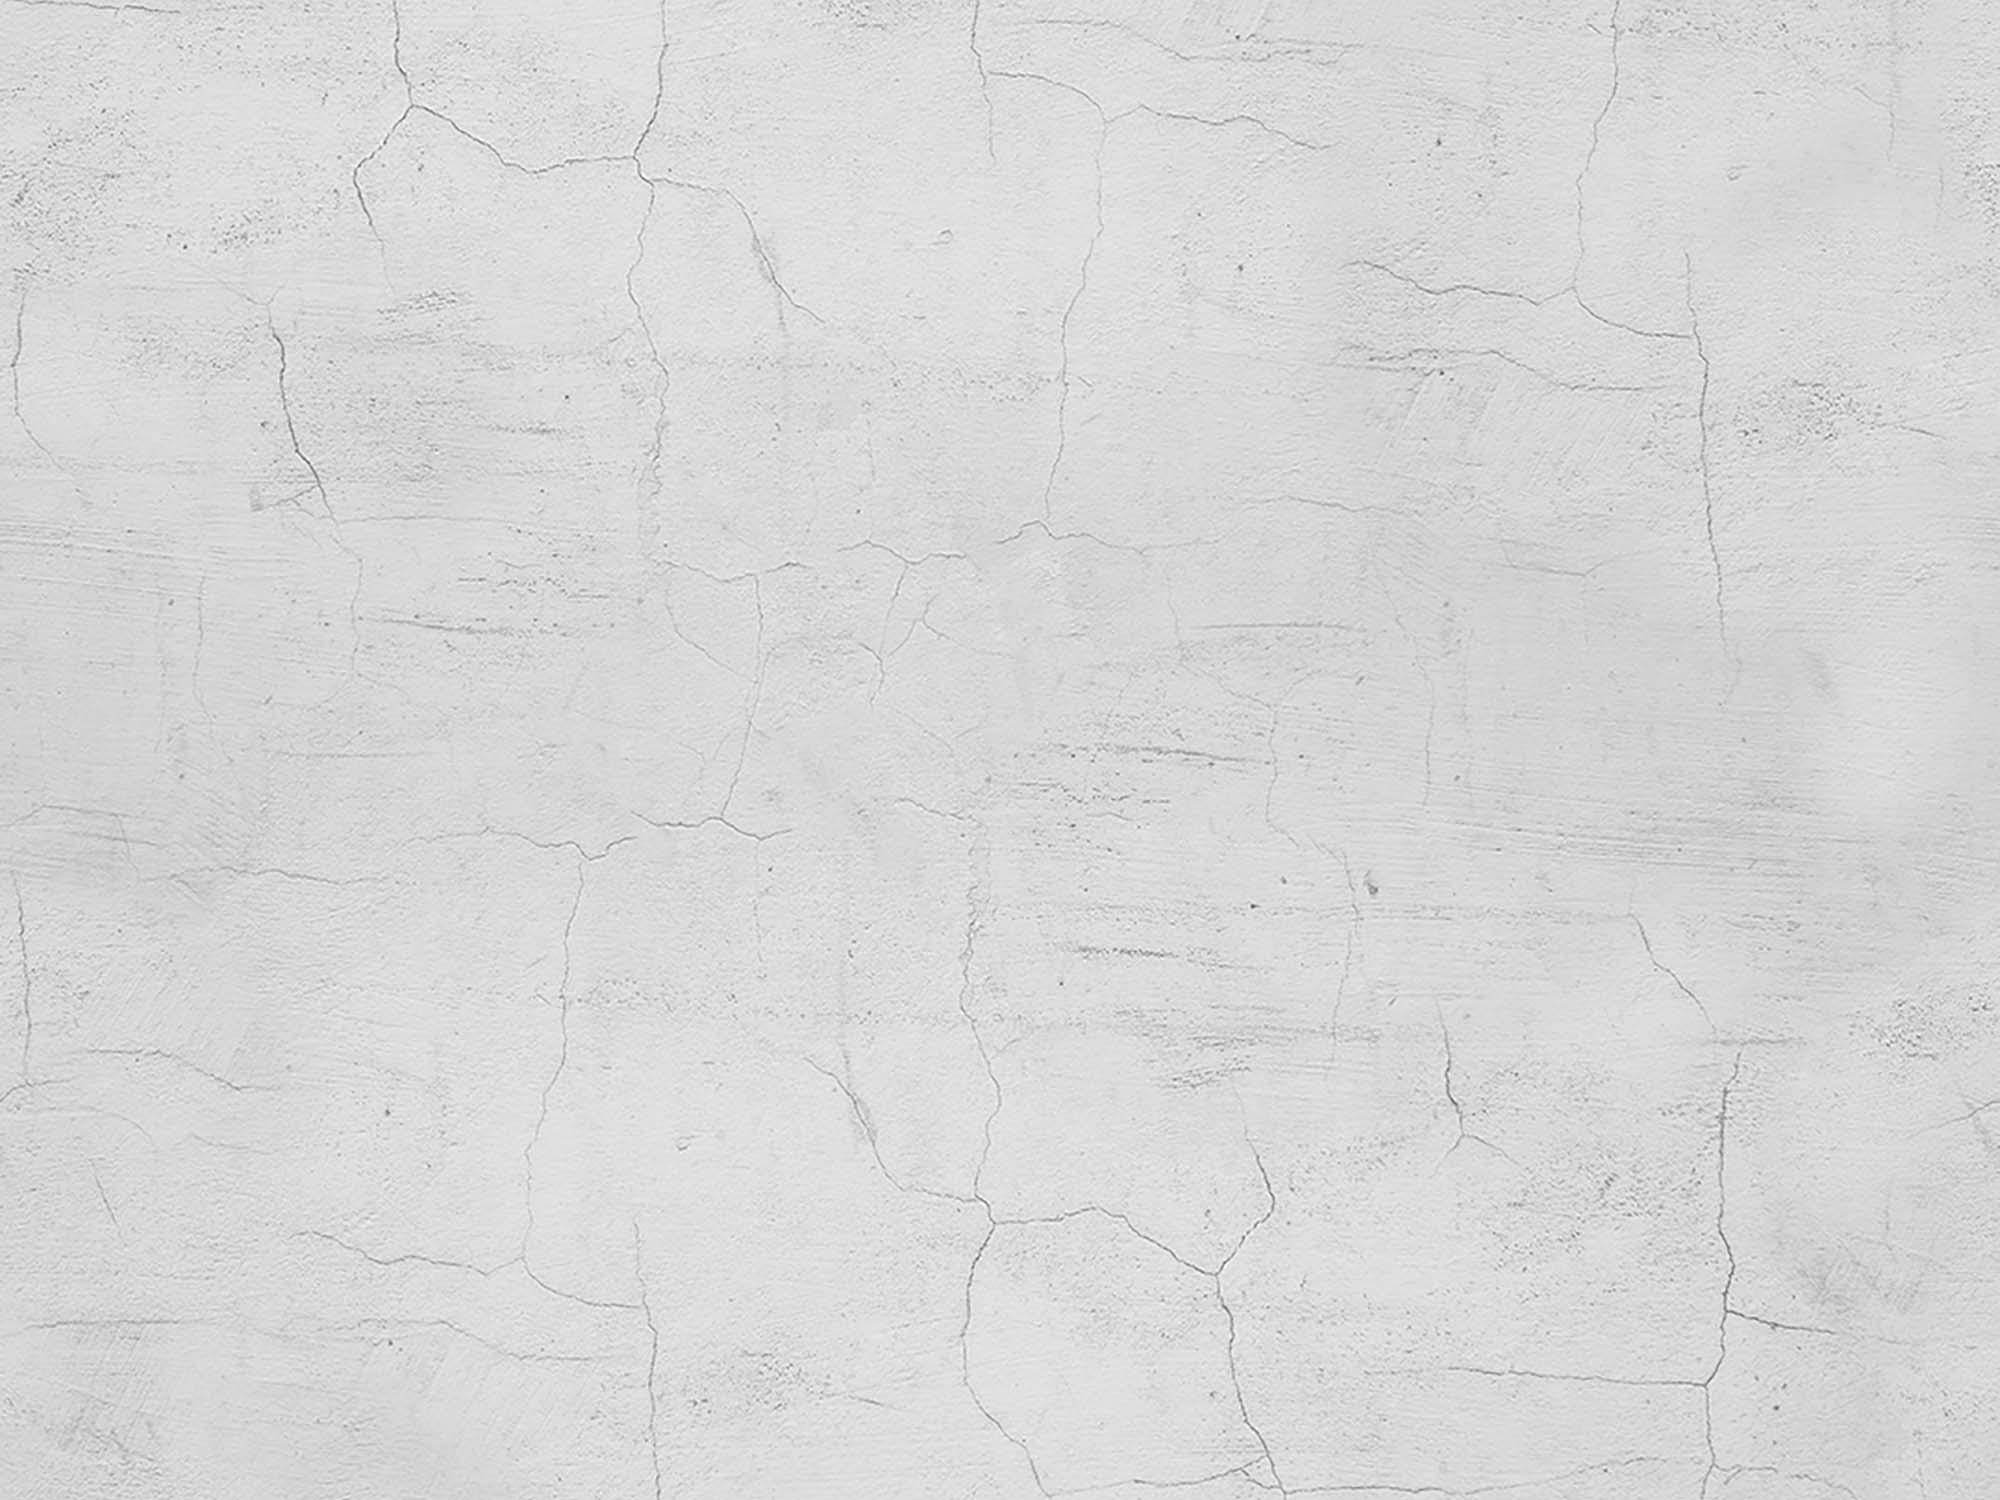 Concrete Textures 2